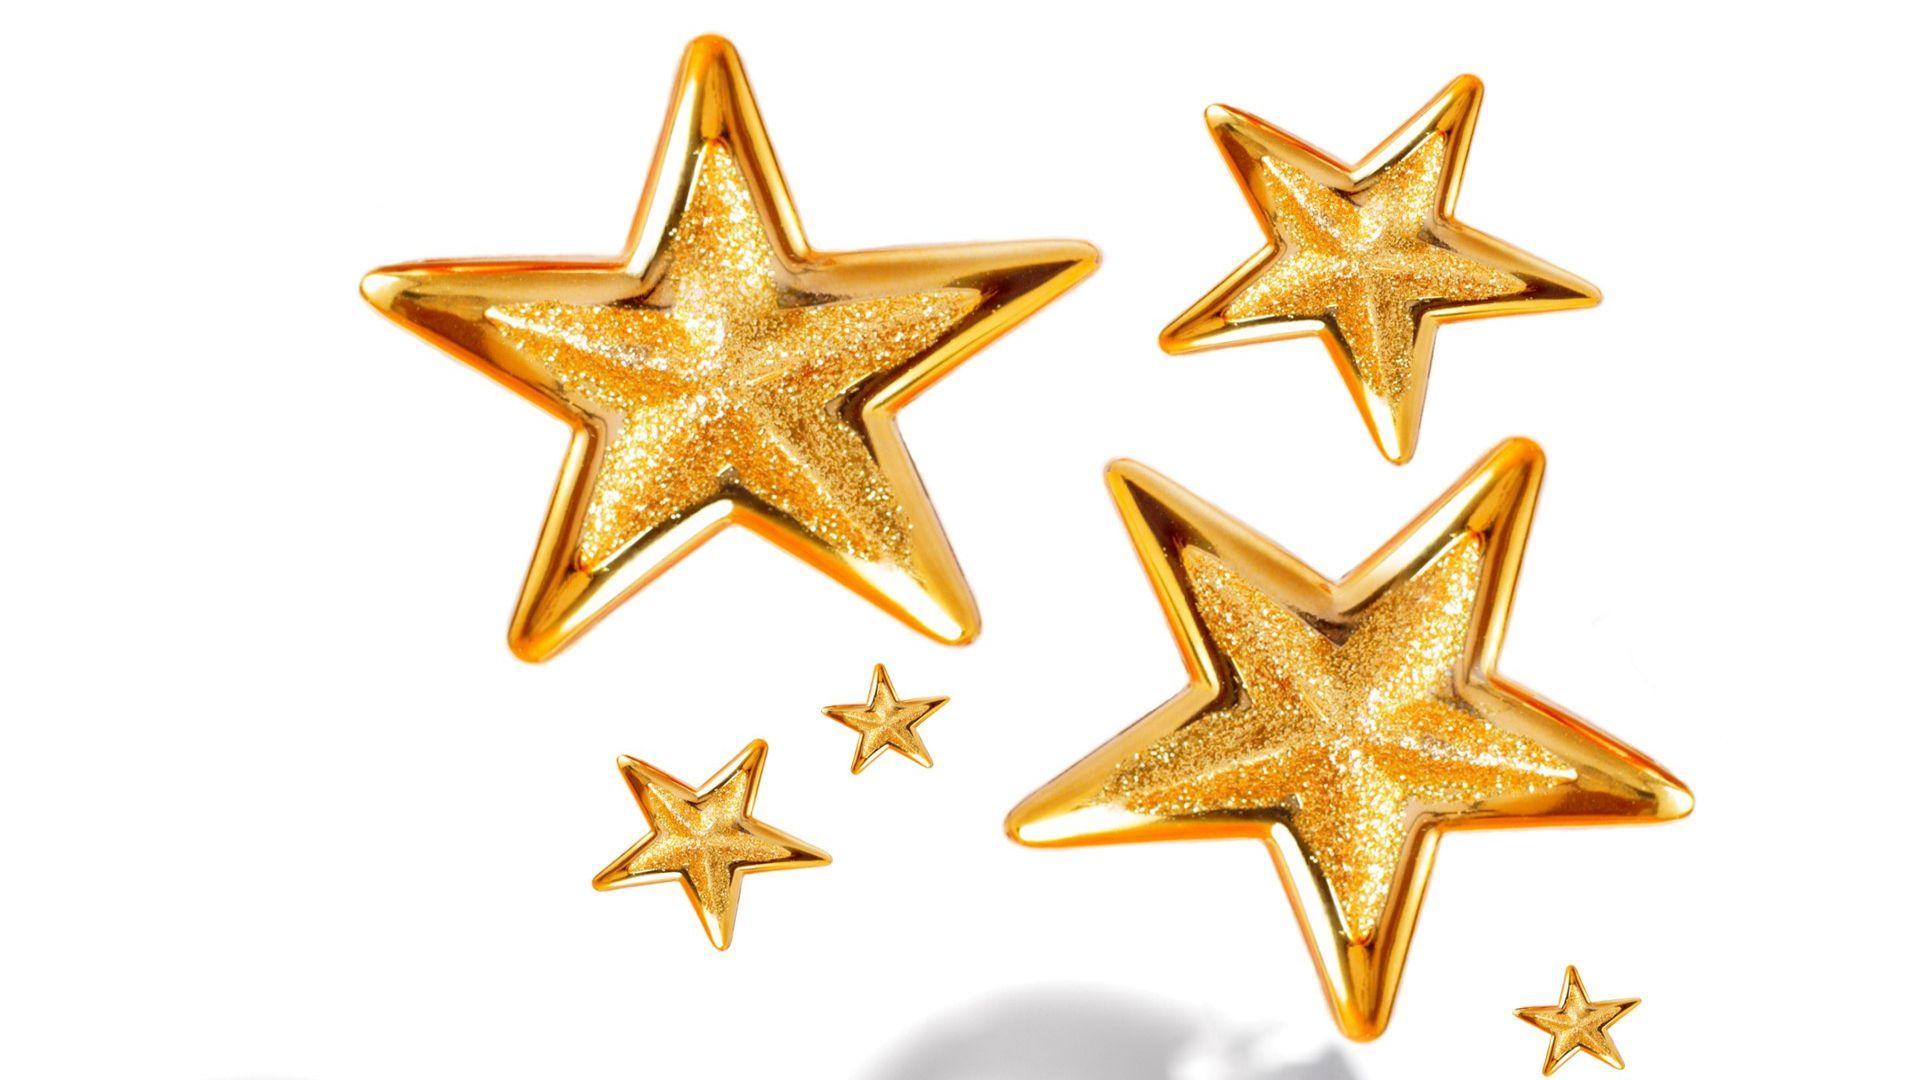 Golden stars wallpaper